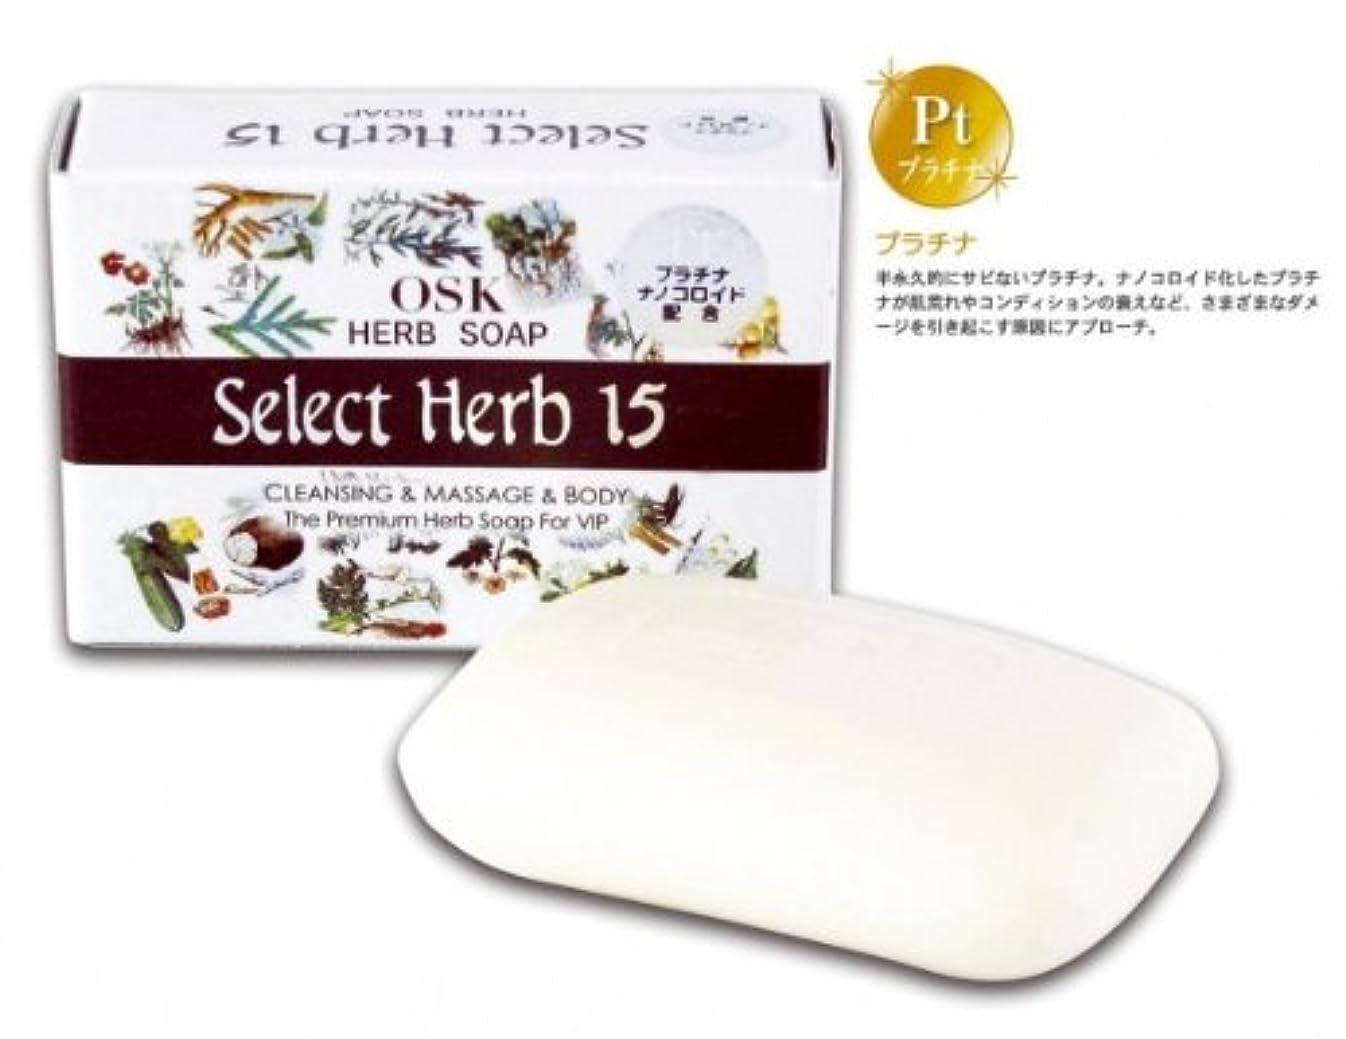 瞑想する故意の器具NEW OSK SOAP SelectHerb15(ニューオーエスケーソープセレクトハーブ15)135g